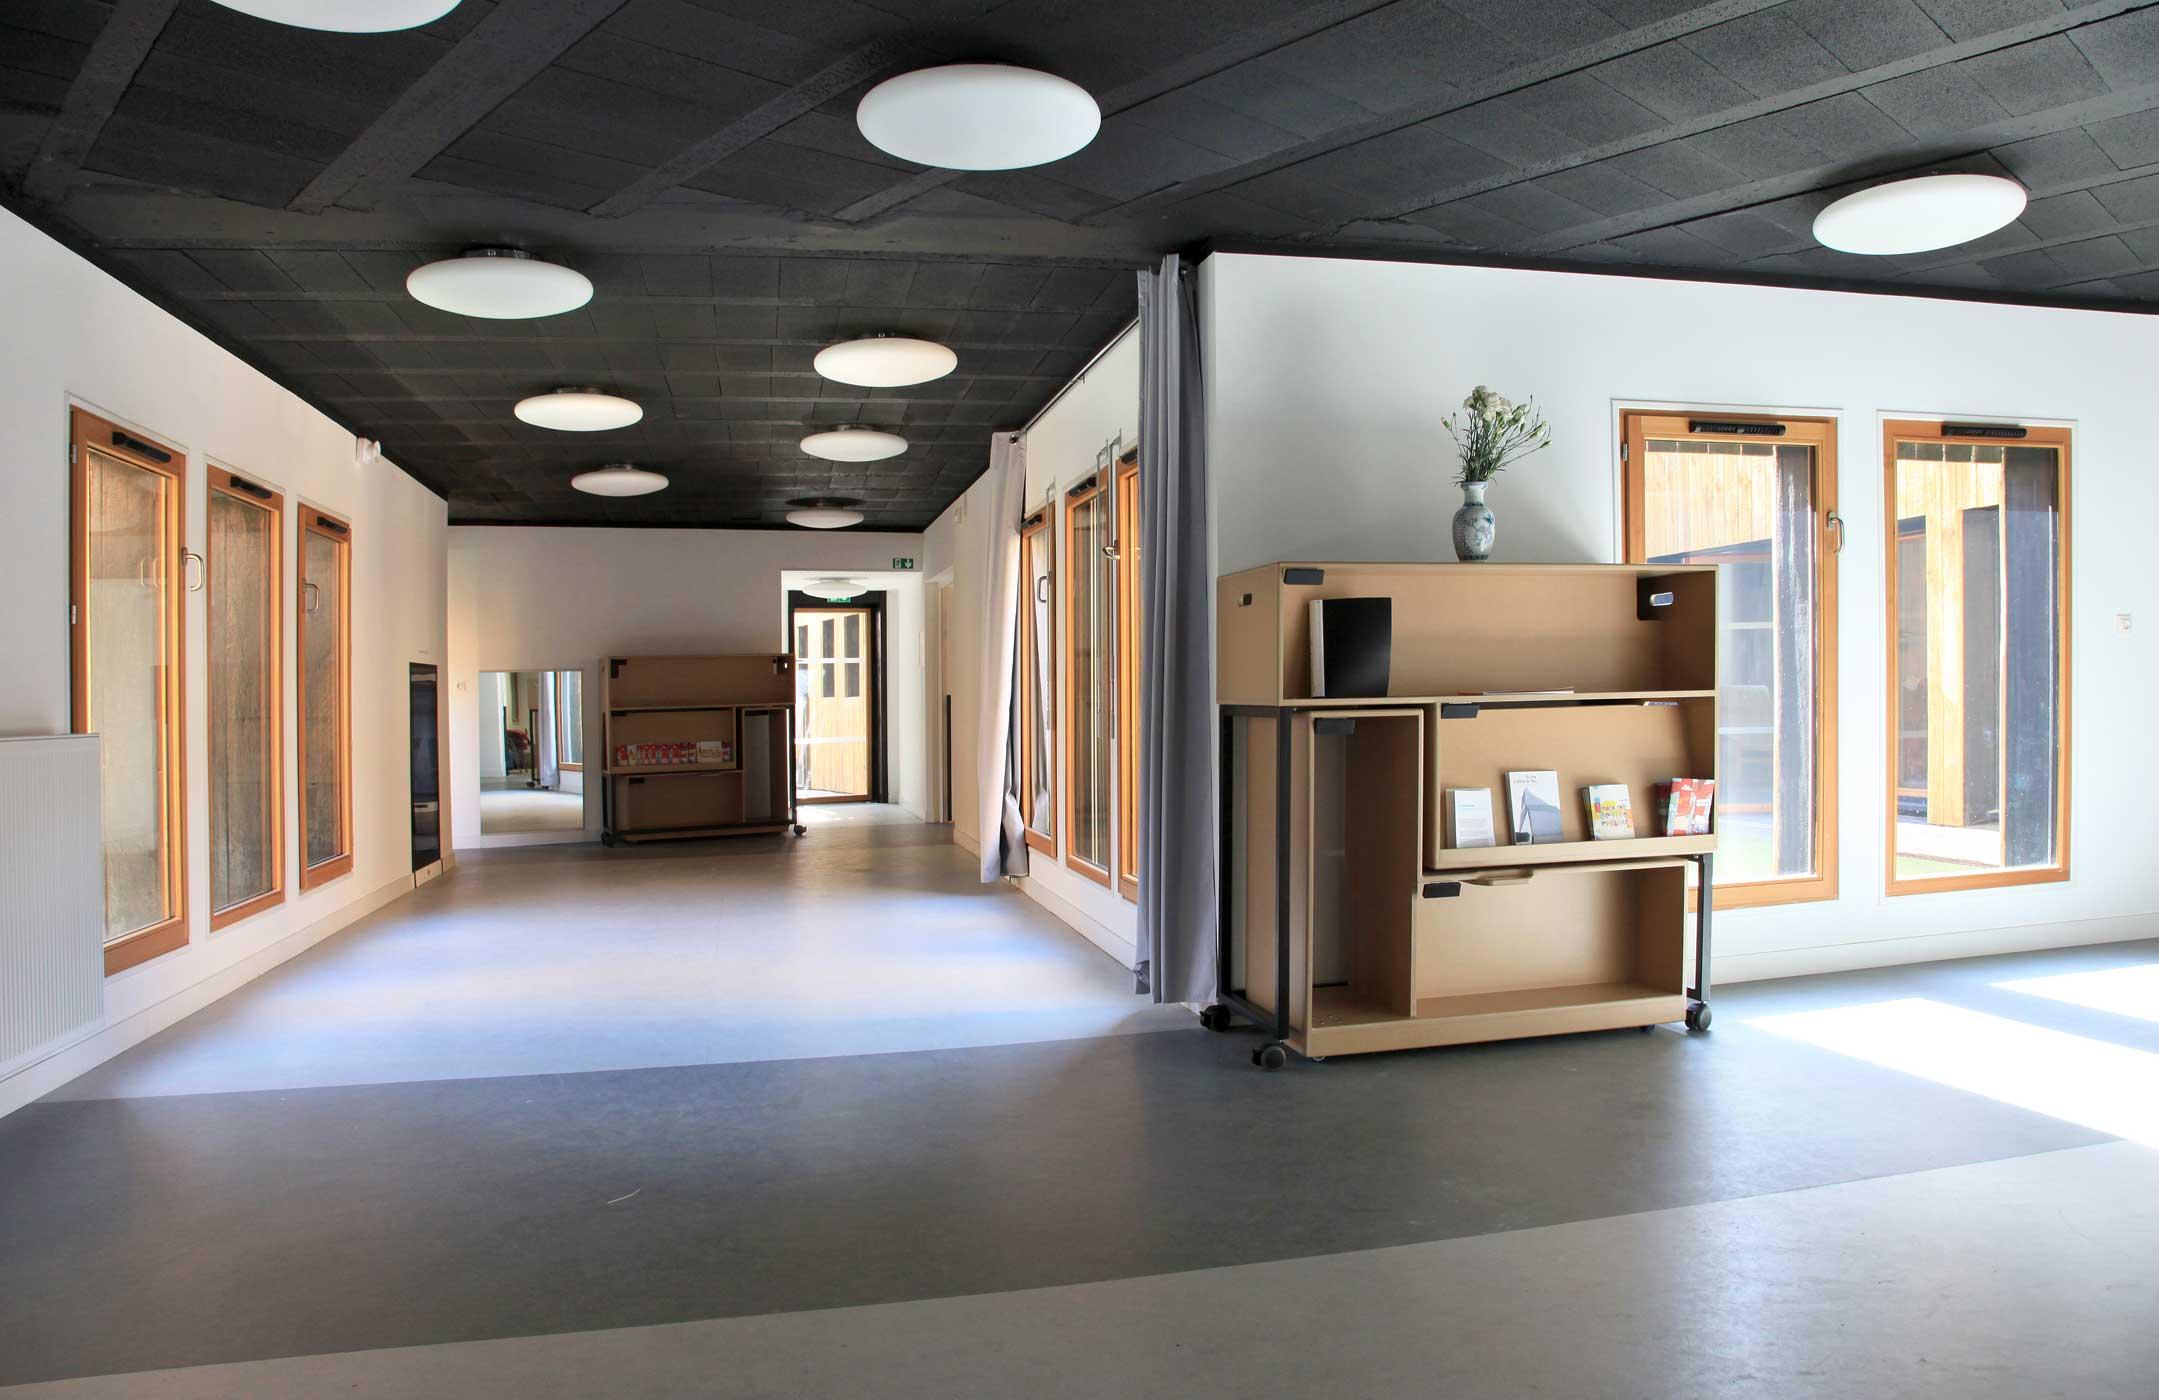 Architecte interieur marseille finest architecte for Emploi architecte interieur